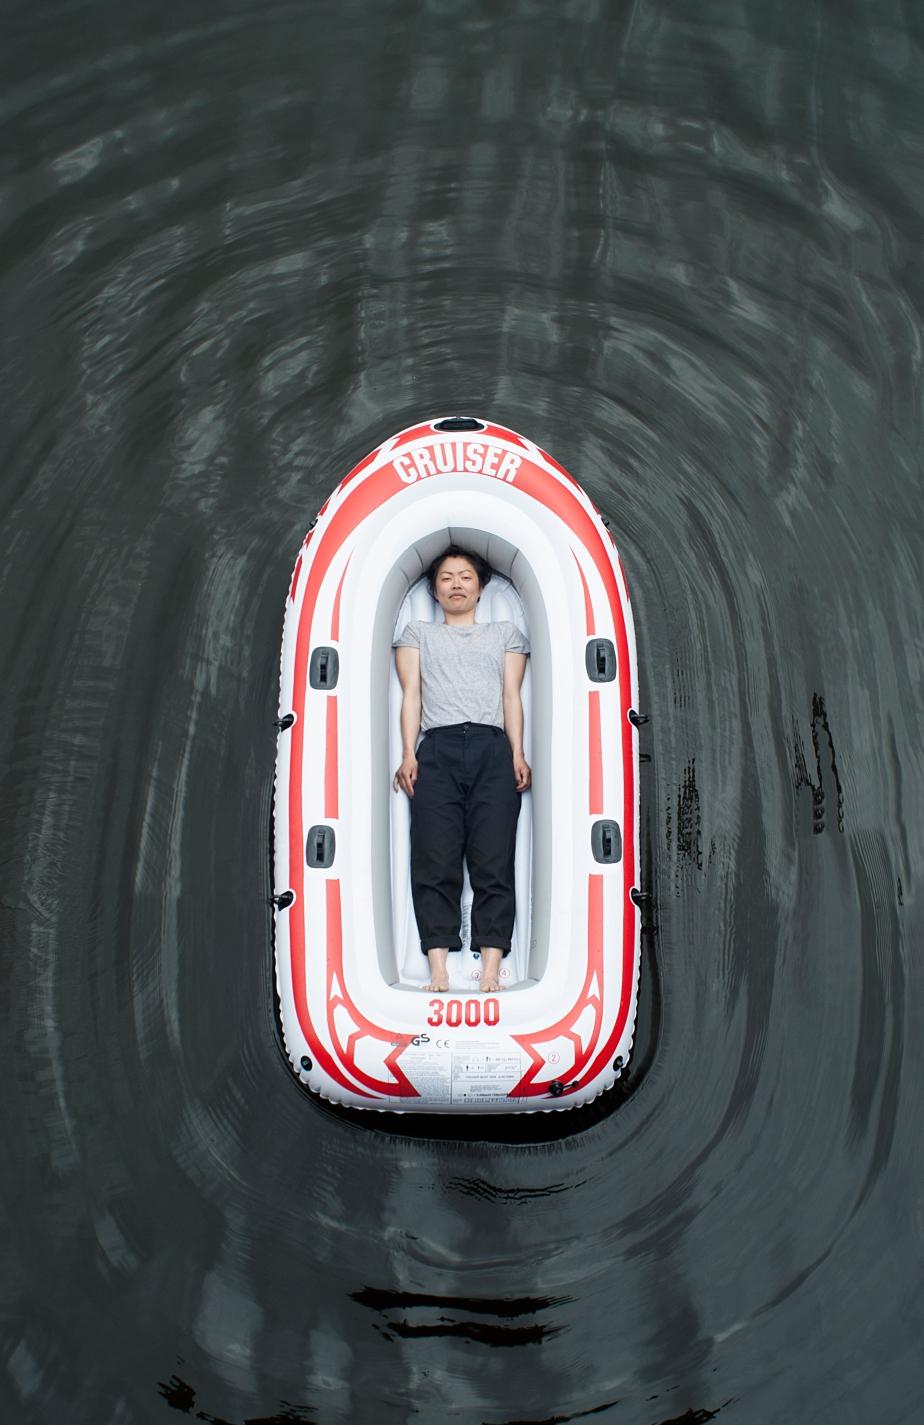 båtFinal